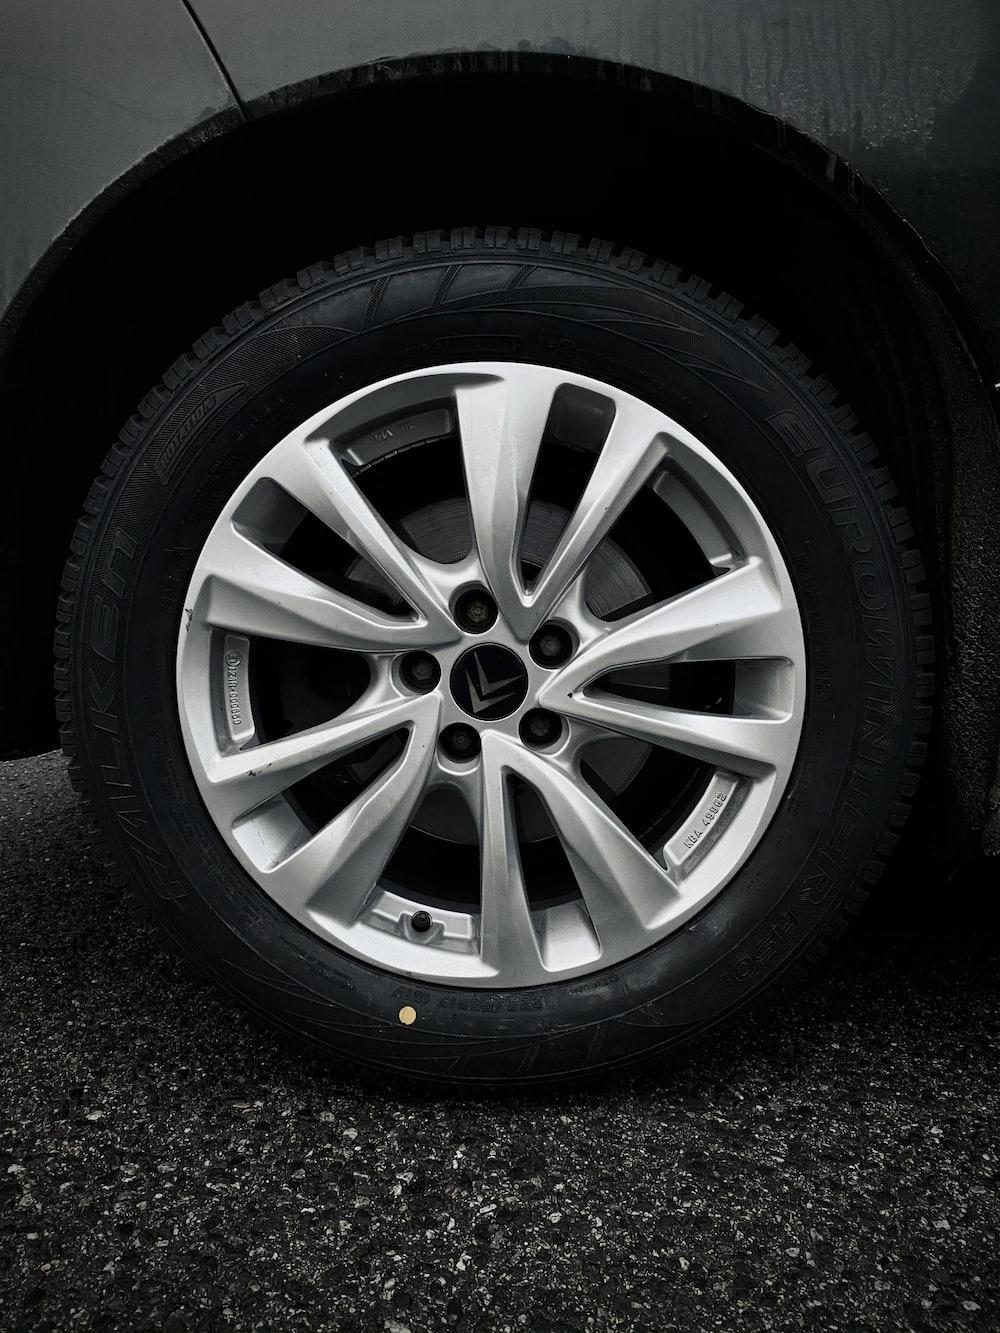 silver 5 spoke wheel with tire